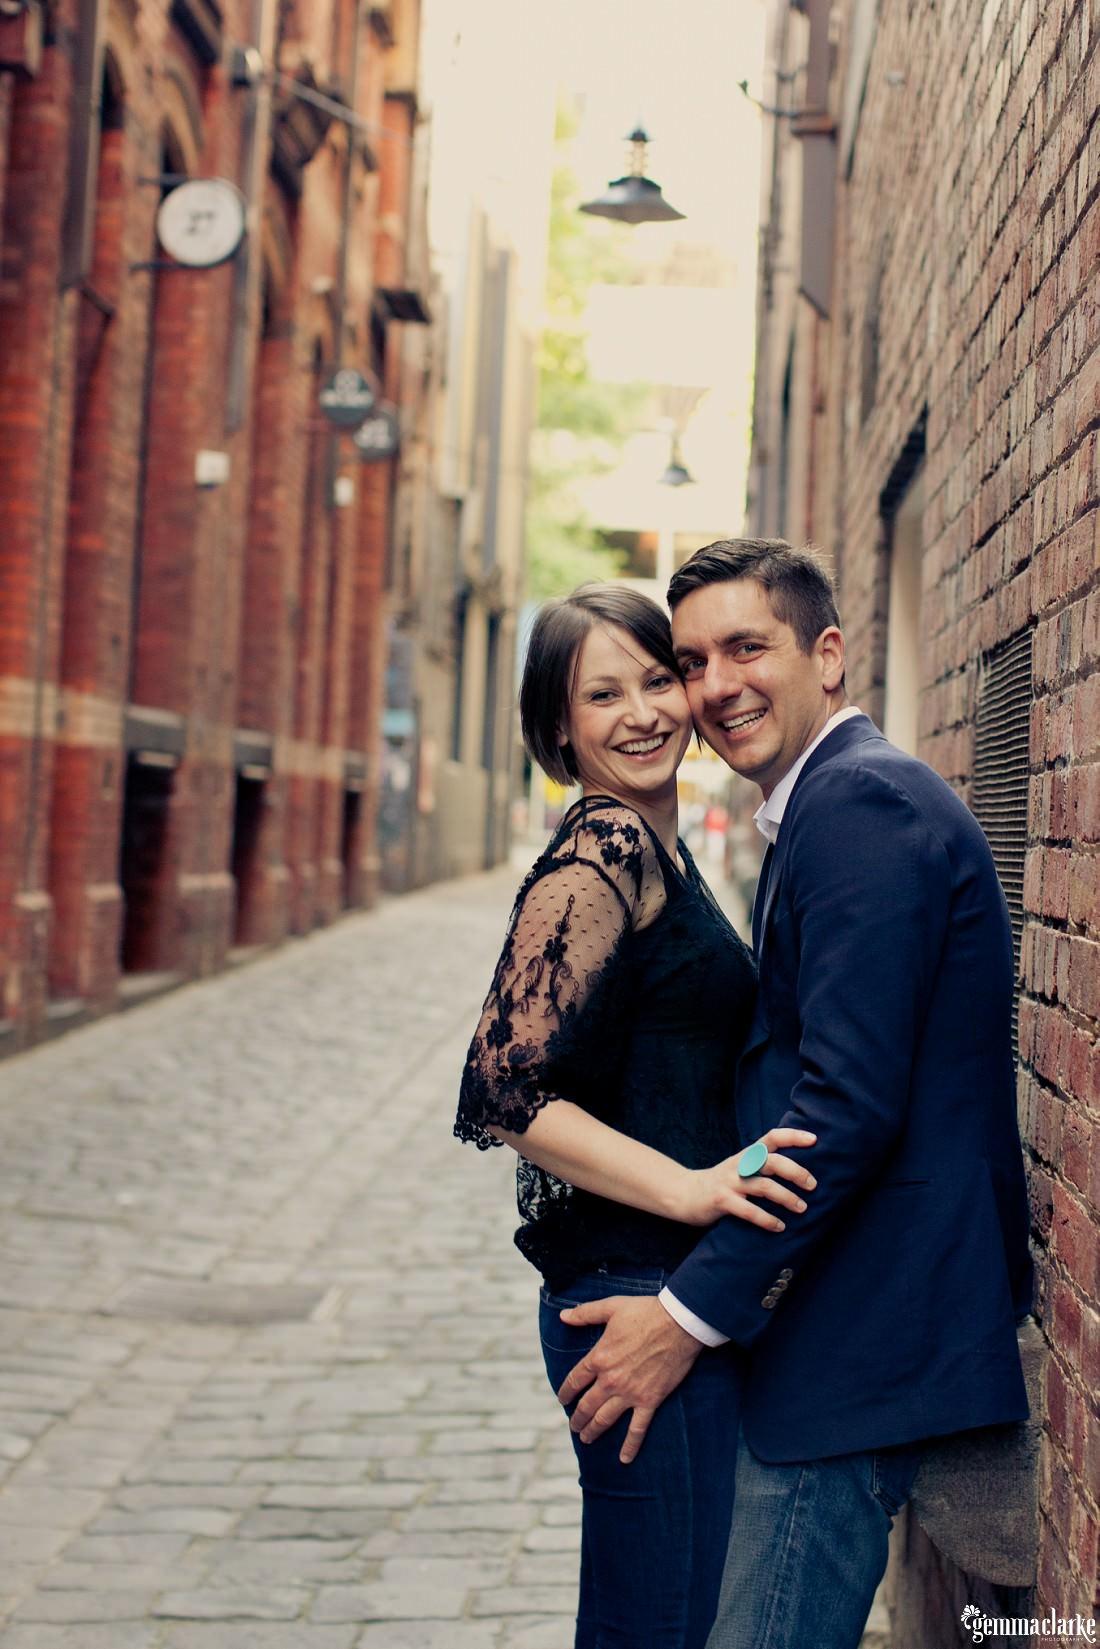 gemmaclarkephotography_melbourne-engagement-photos_leanne-and-stuart-0020